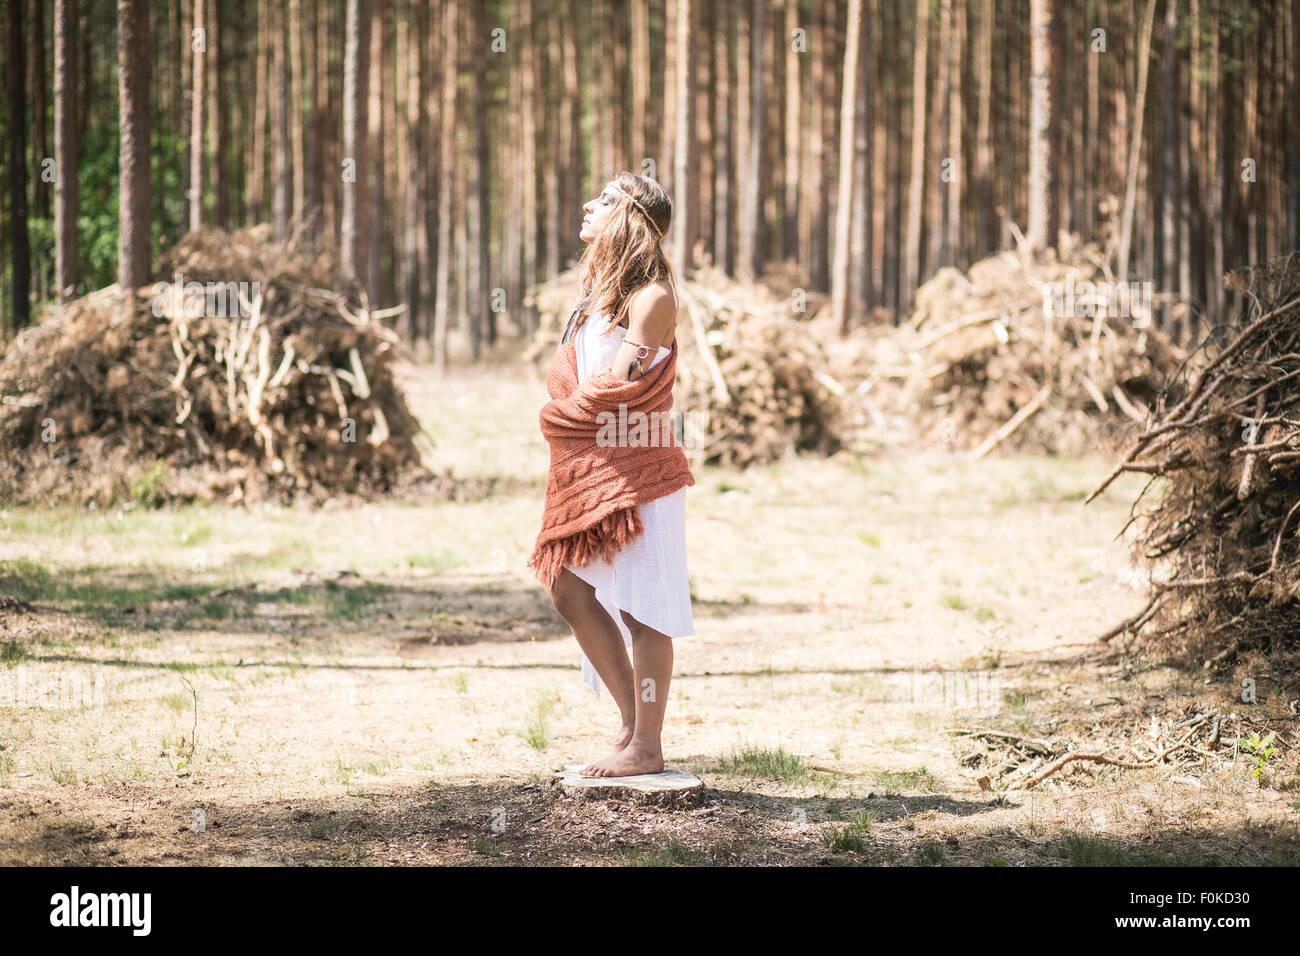 Jeune femme debout dans les bois, profiter de la tranquillité Photo Stock